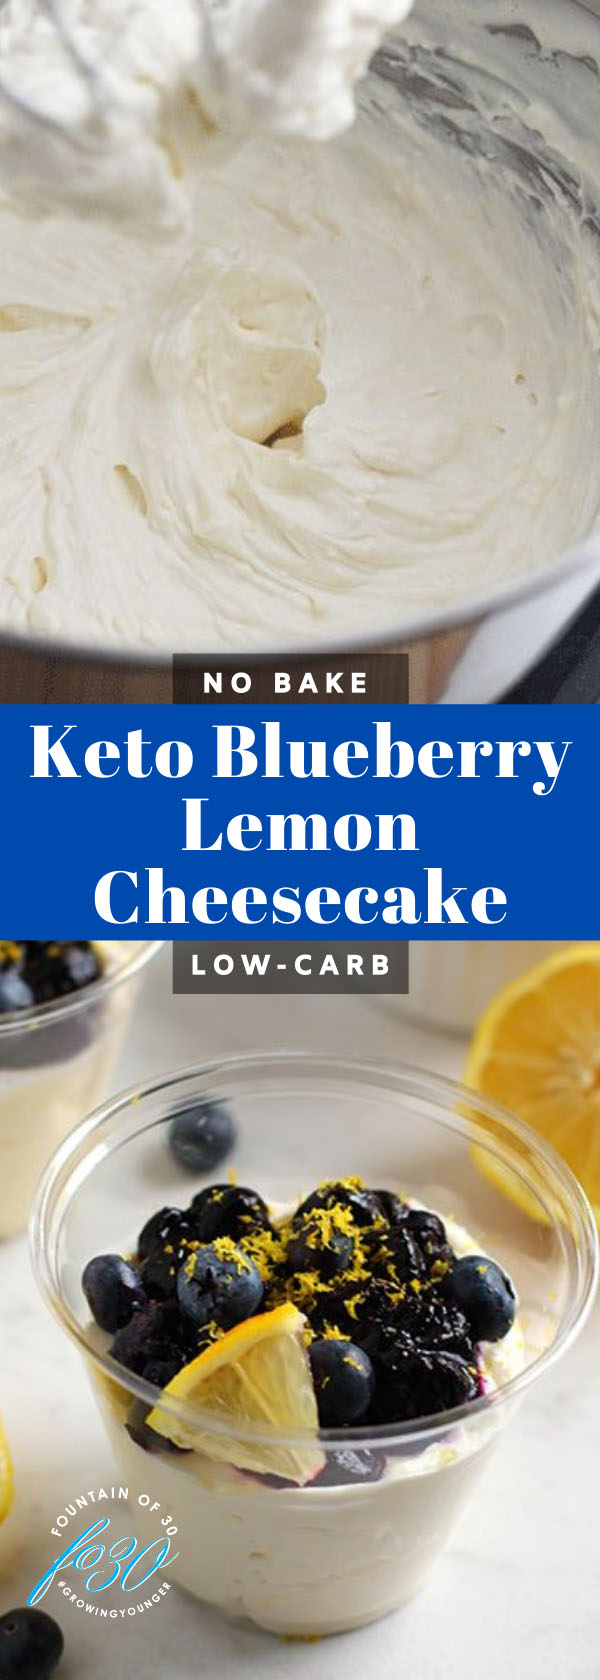 keto blueberry lemon cheesecake fountainof30